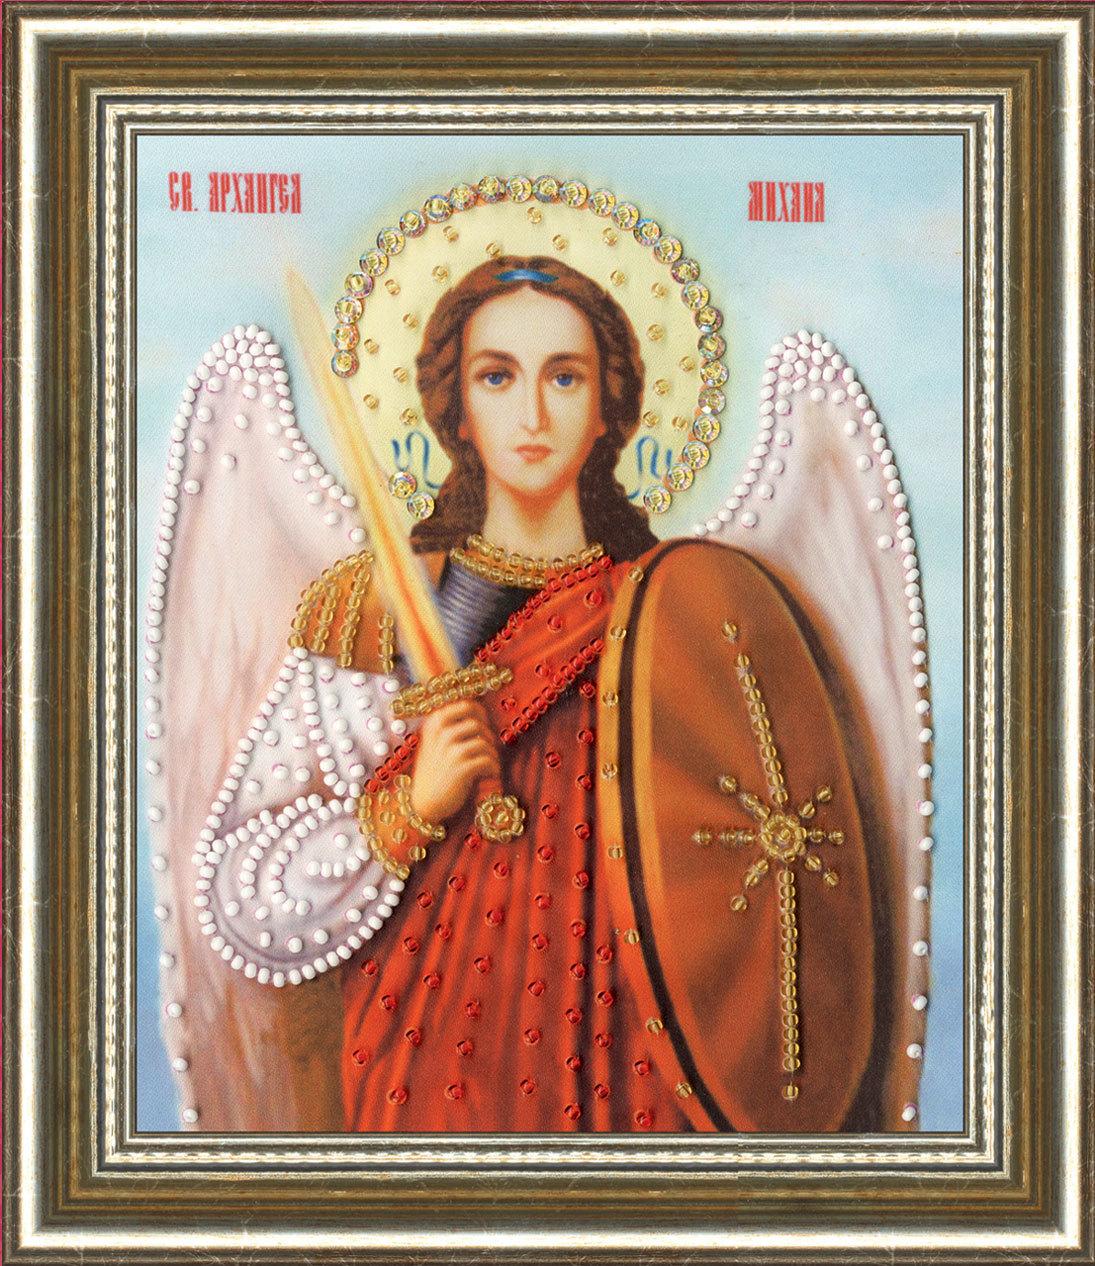 фото иконы святого михаила рассмотрены несколько привлекательных